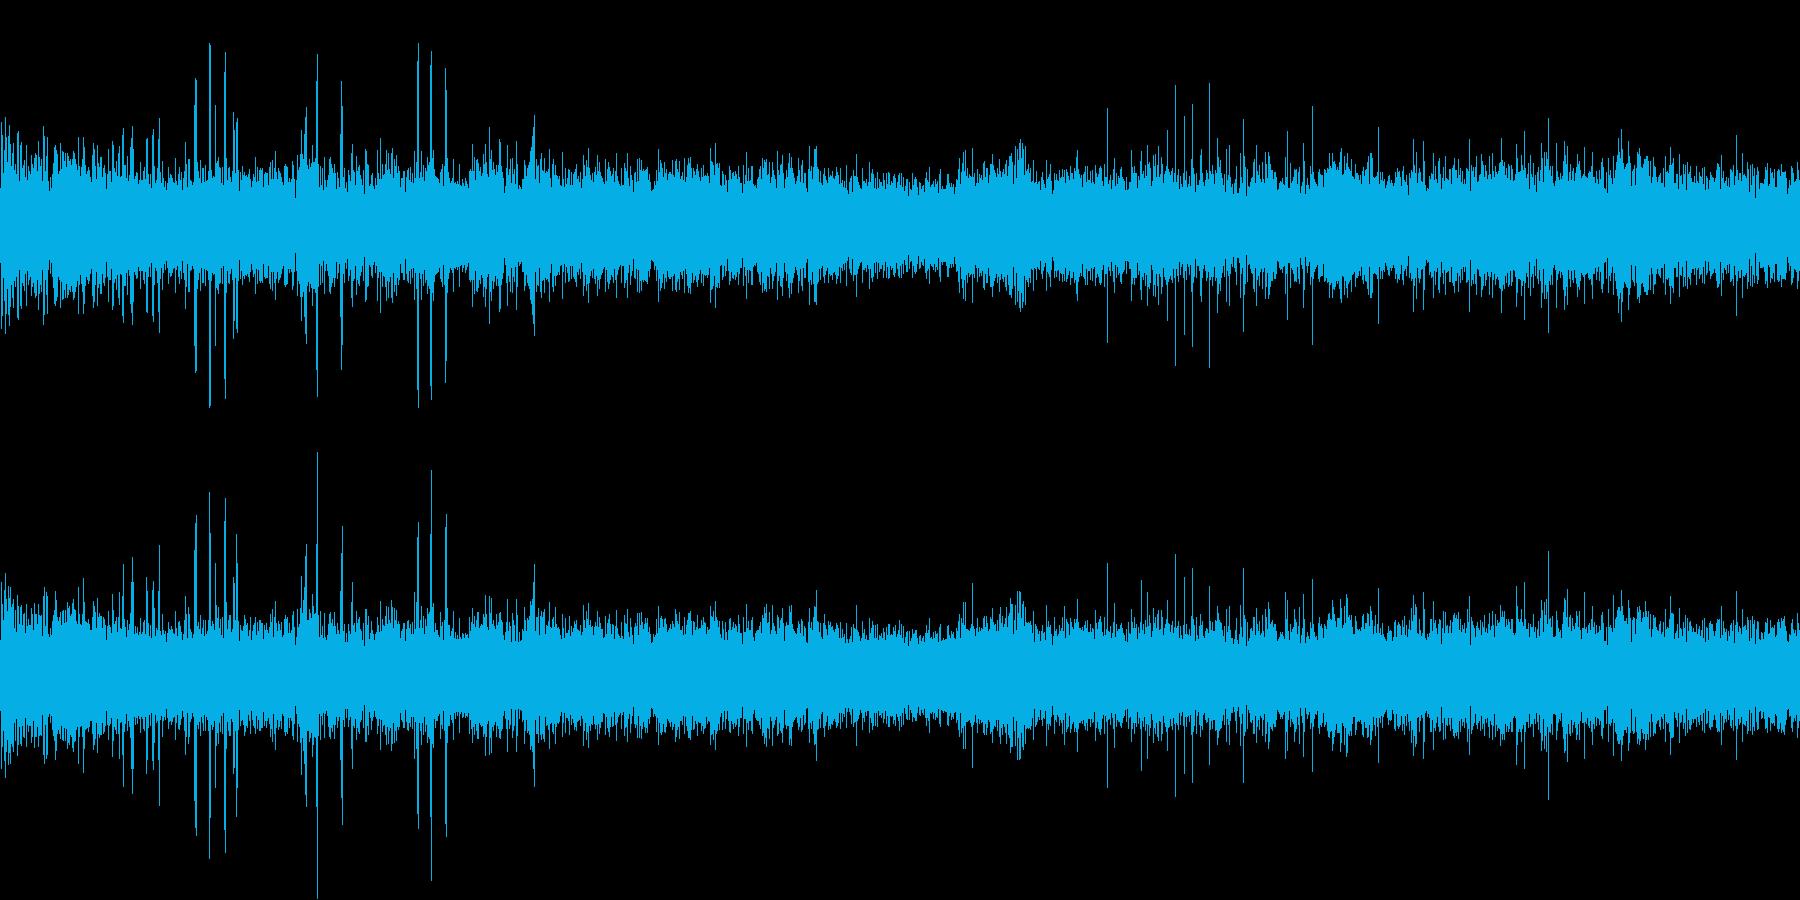 動物園(環境音)の再生済みの波形